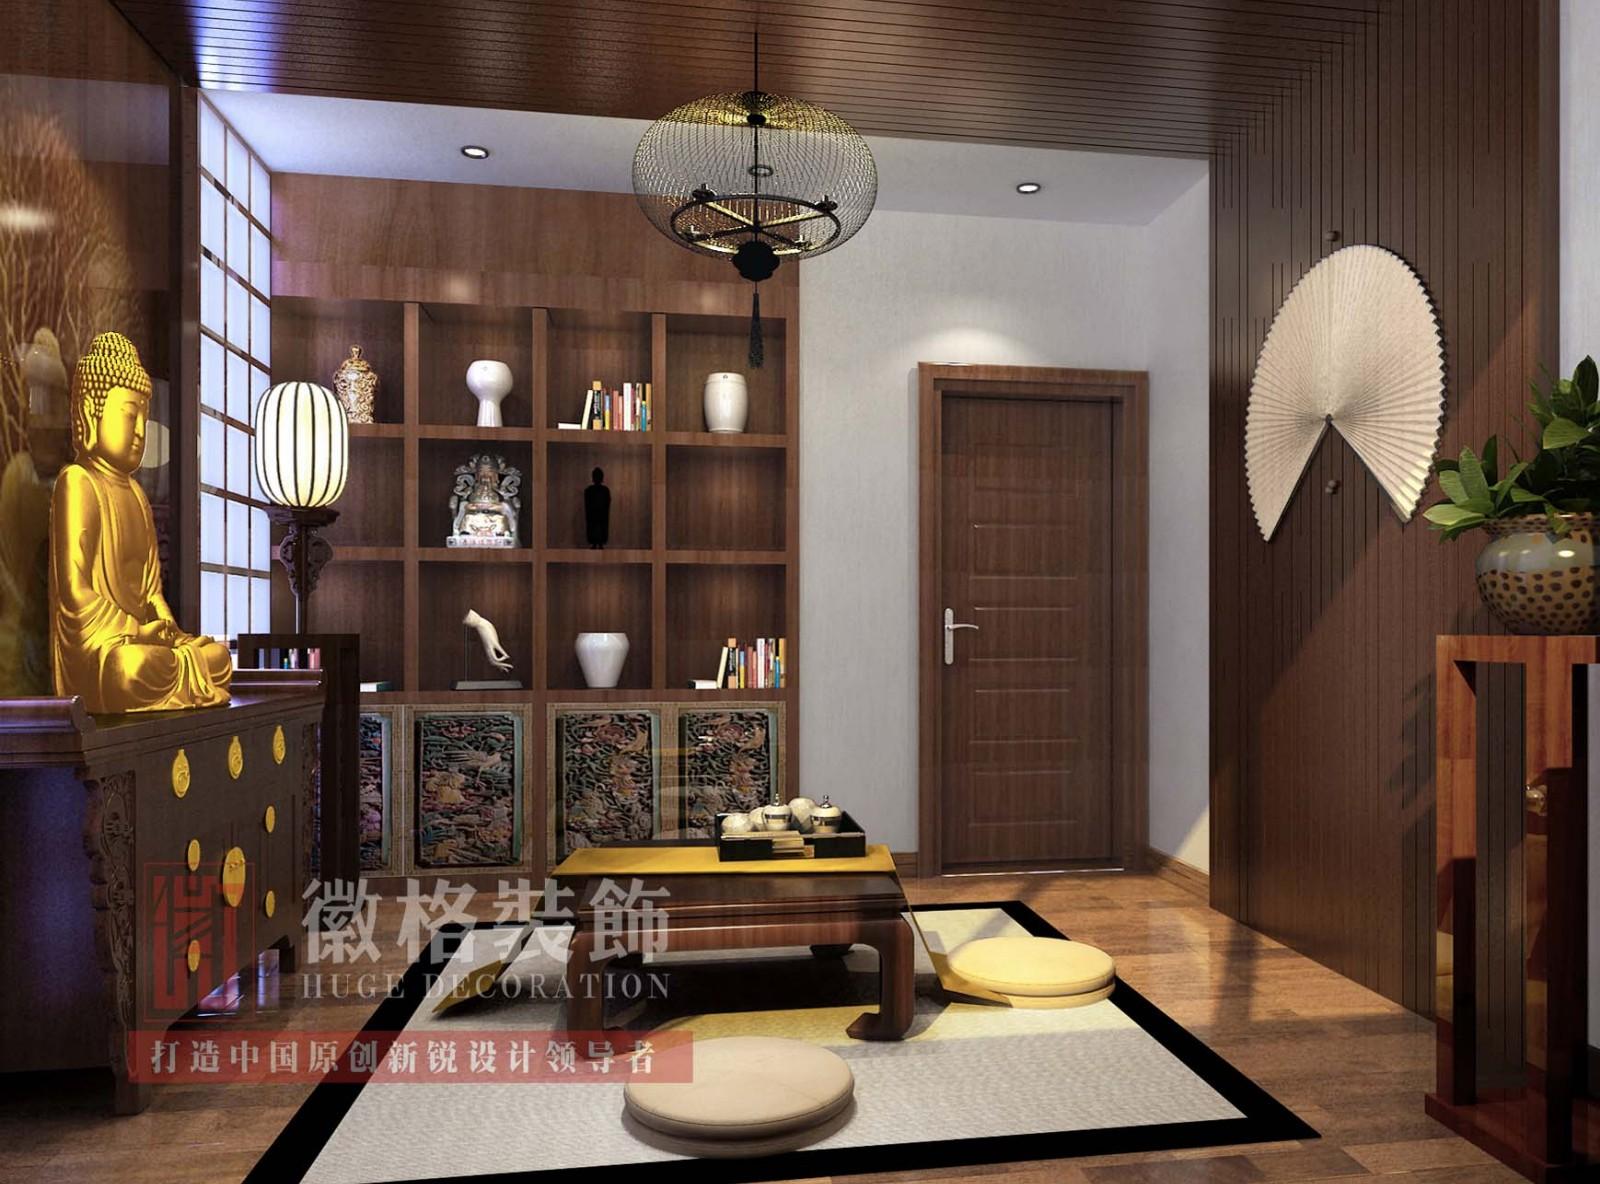 太平玉河花园 别墅 新中式 - 徽格装饰原创新锐设计